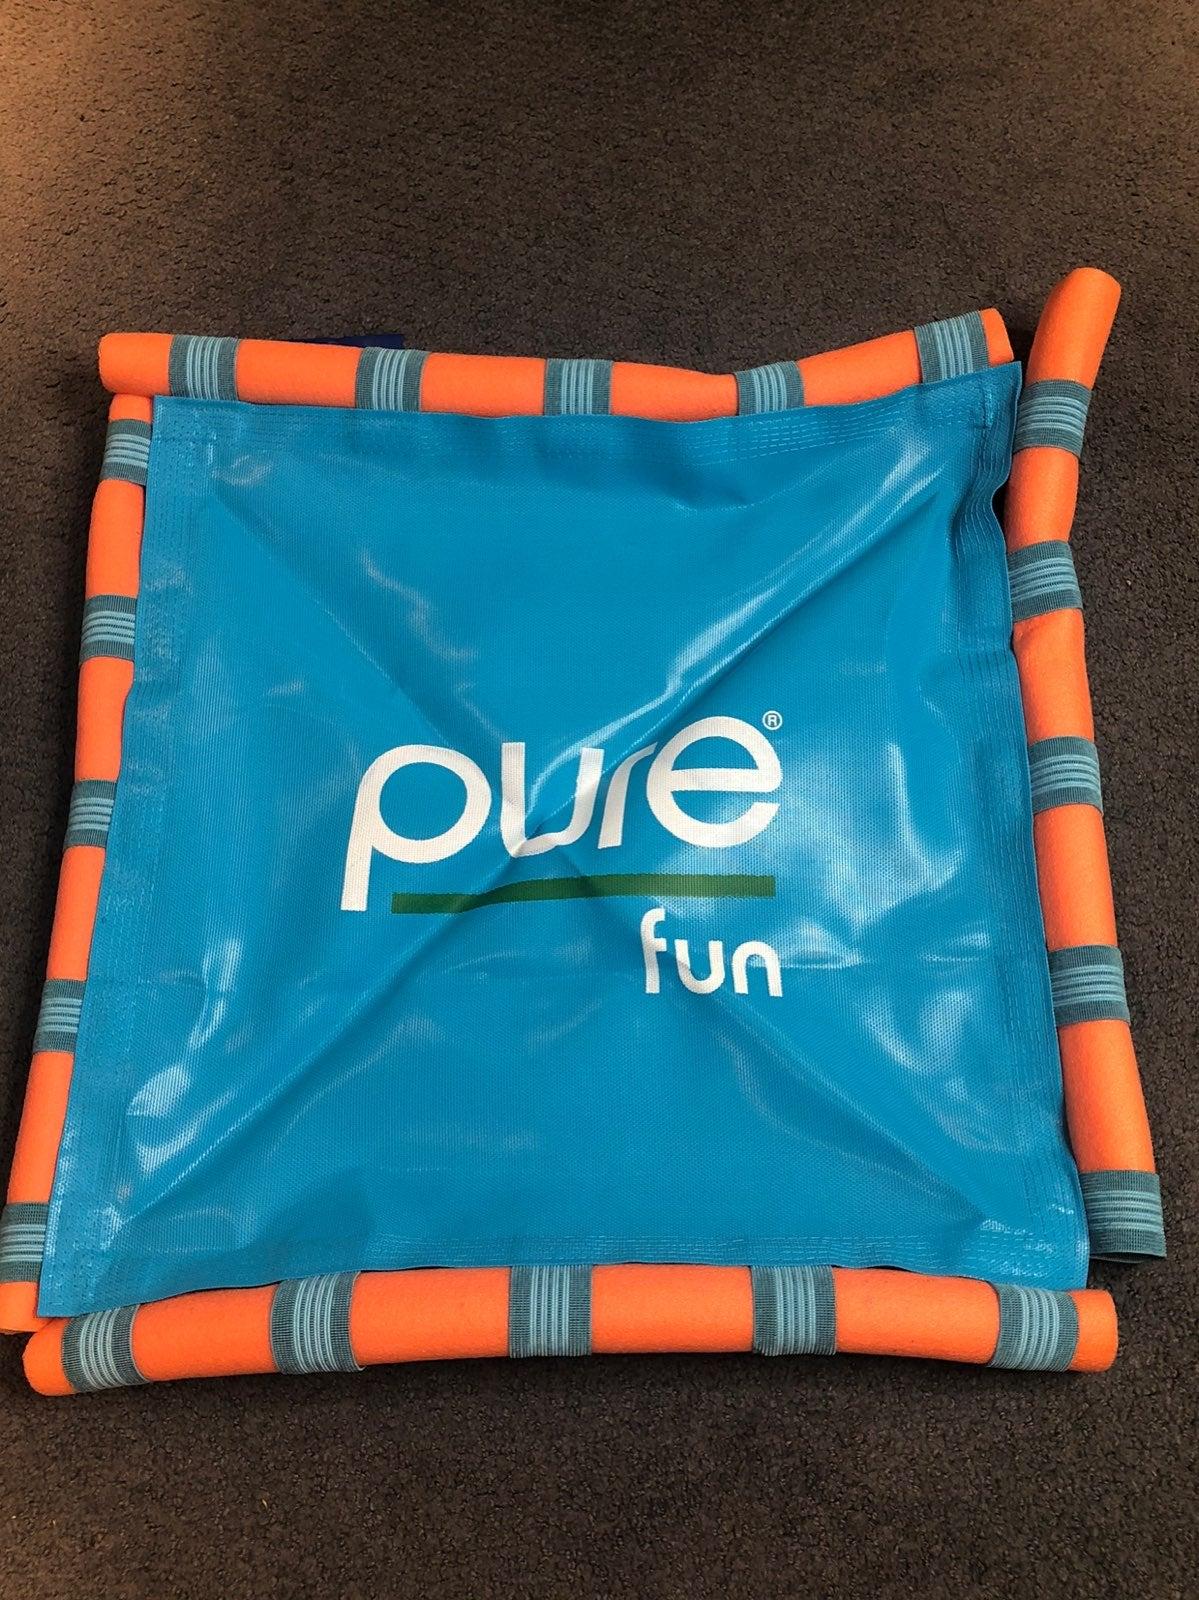 Pure Fun Trampoline Replacement Mat